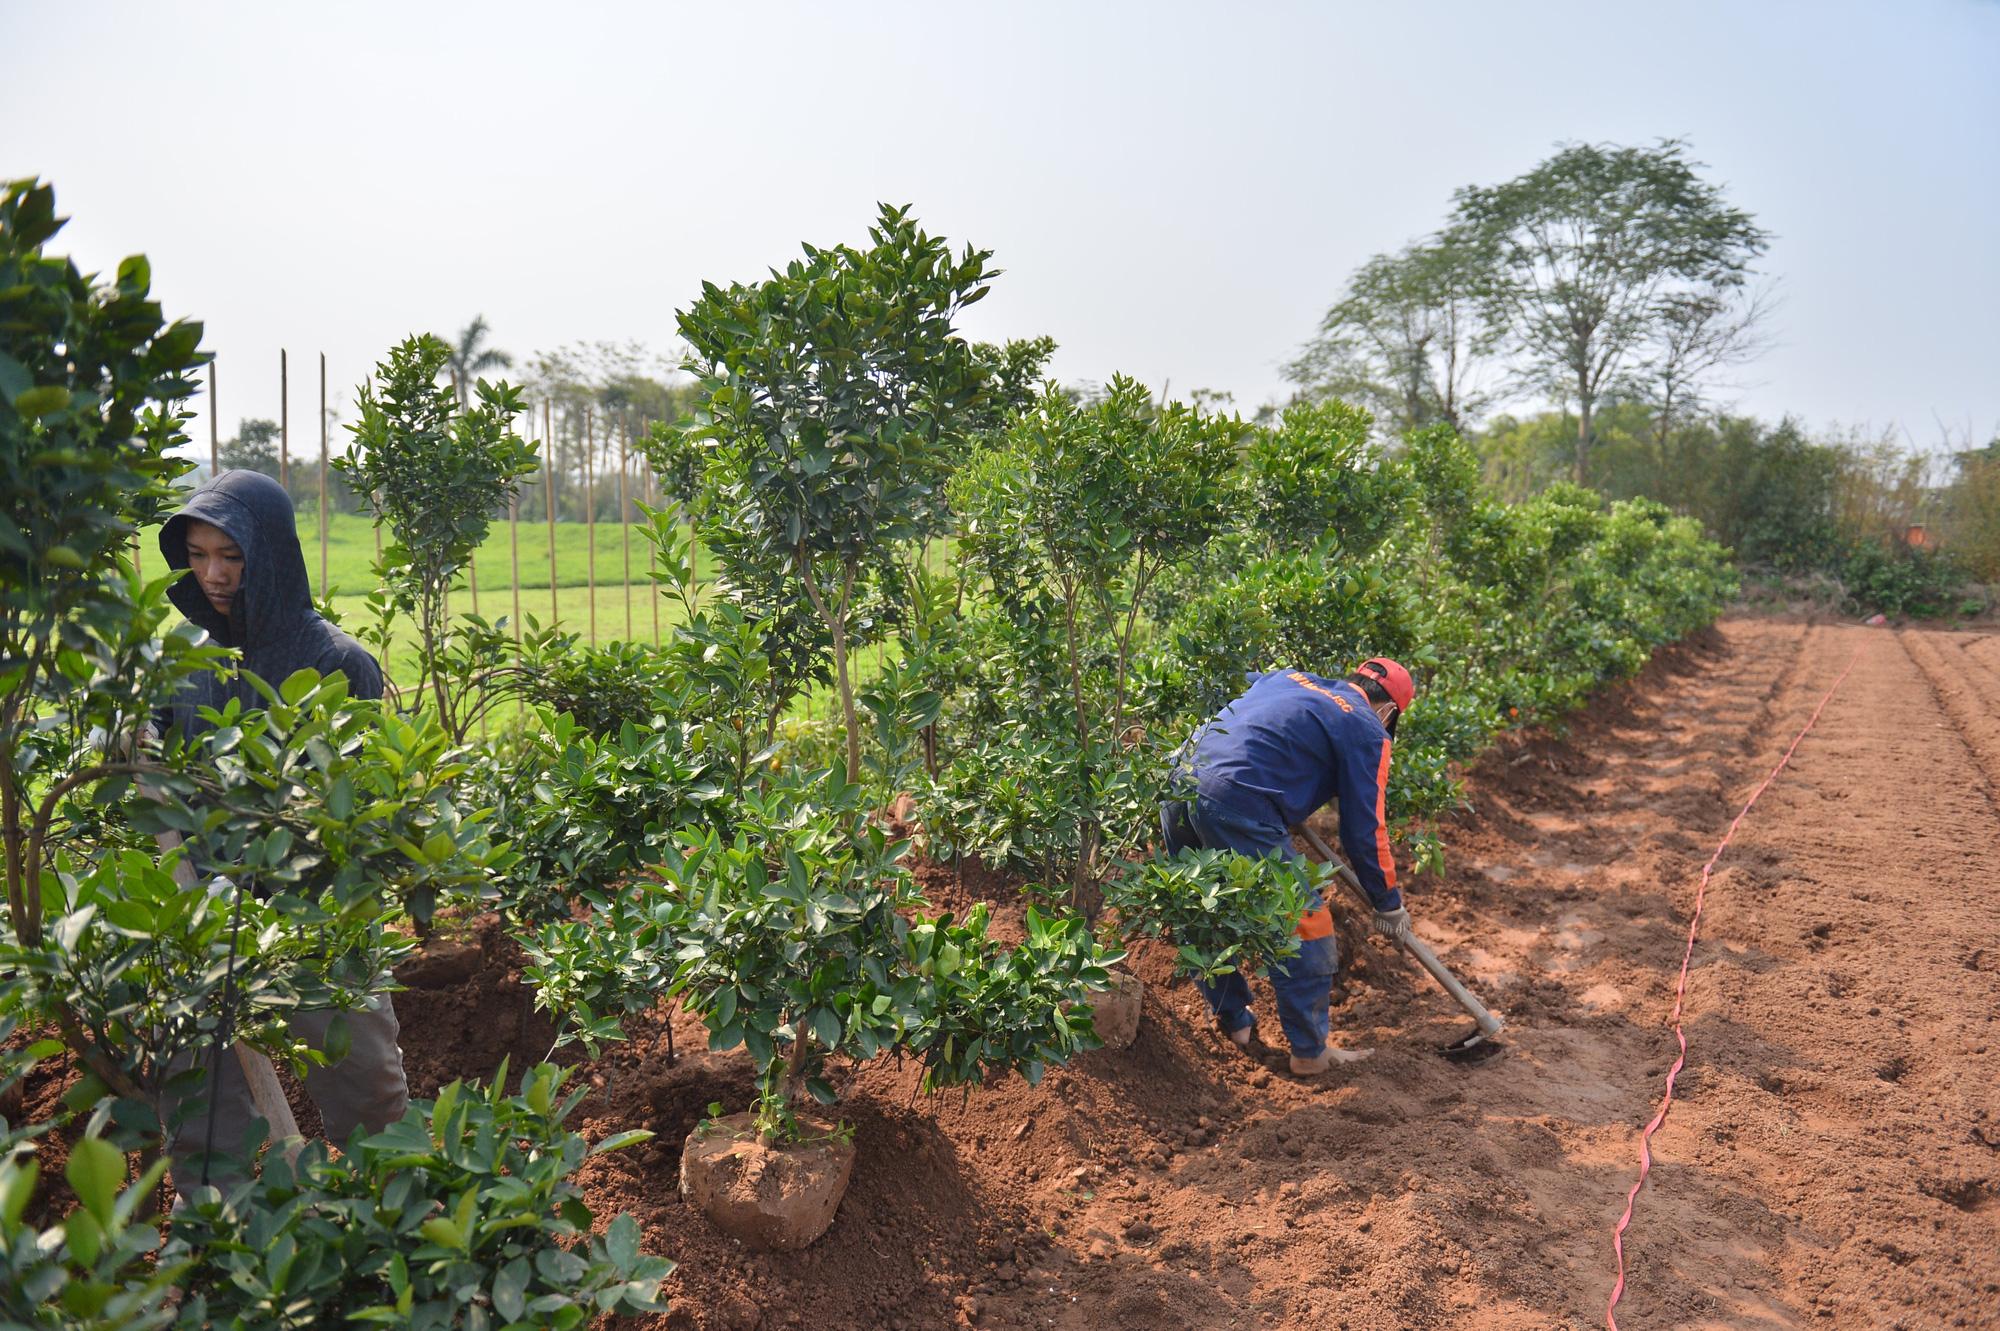 """Hàng nghìn cây quất tiền triệu nằm im trên vườn vì ế sau Tết, người Hà Nội """"ôm đống nợ"""", chẳng buồn ra đồng - Ảnh 10."""